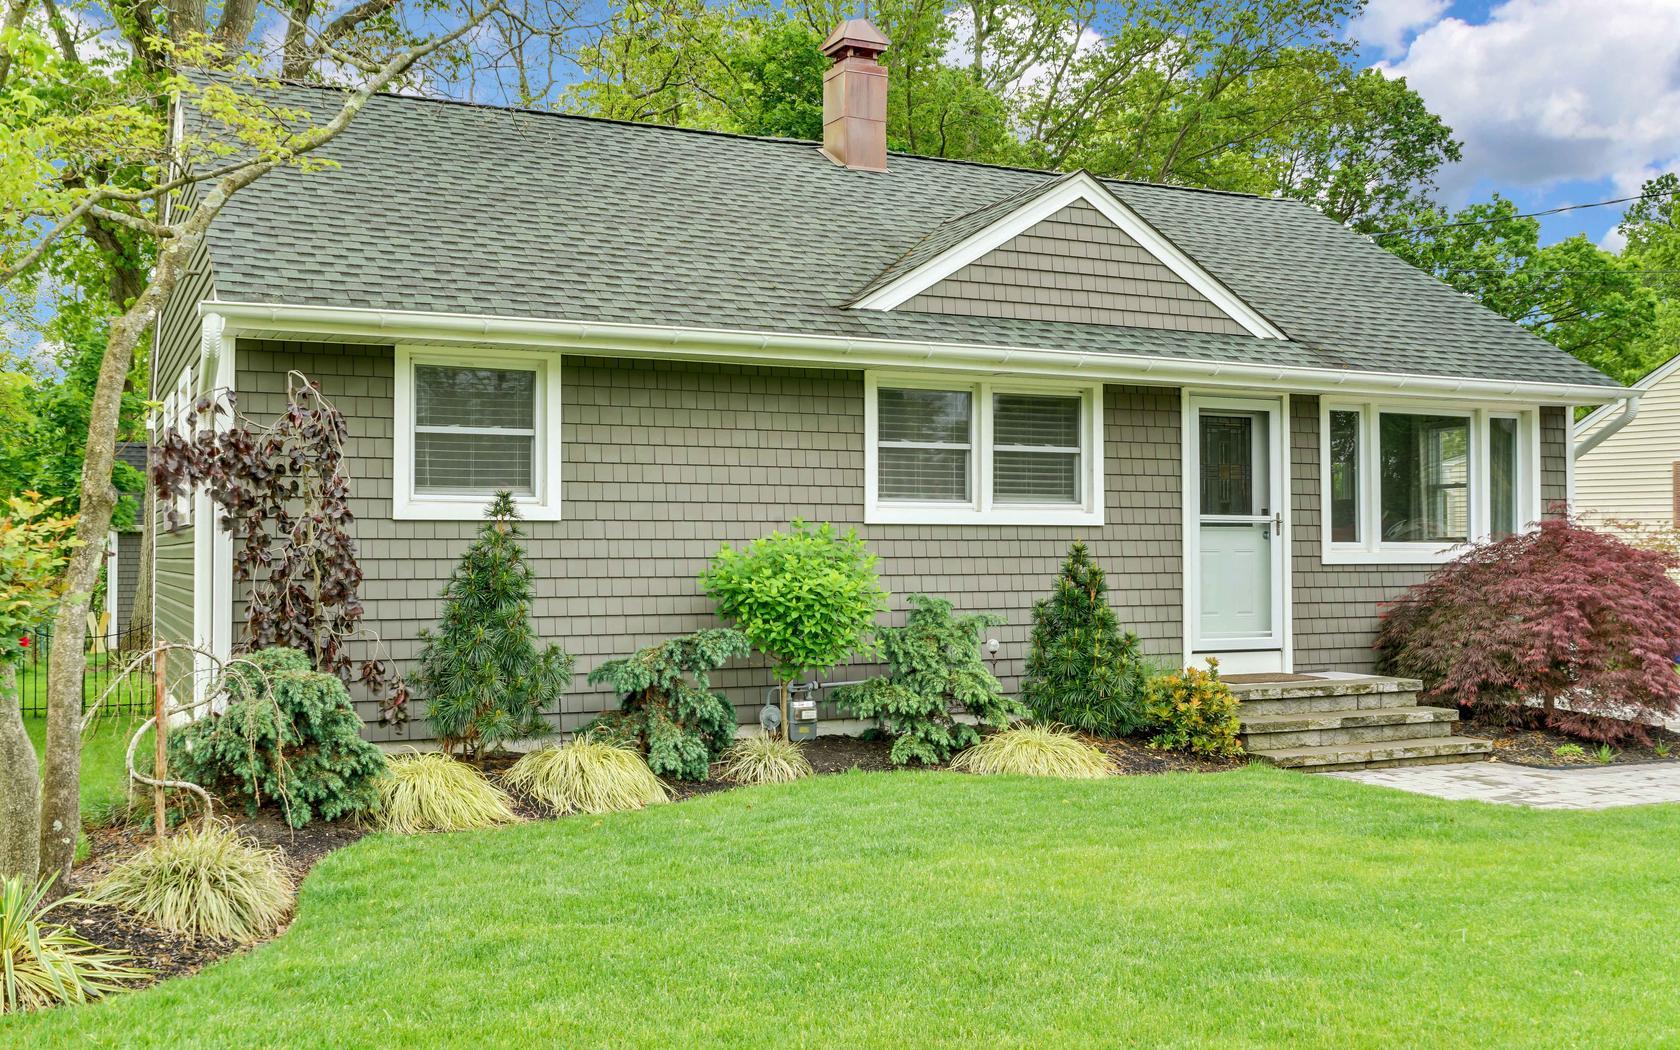 Casa Unifamiliar por un Venta en Newly Renovated Ranch 204 Cliffwood Dr Neptune, Nueva Jersey 07753 Estados Unidos